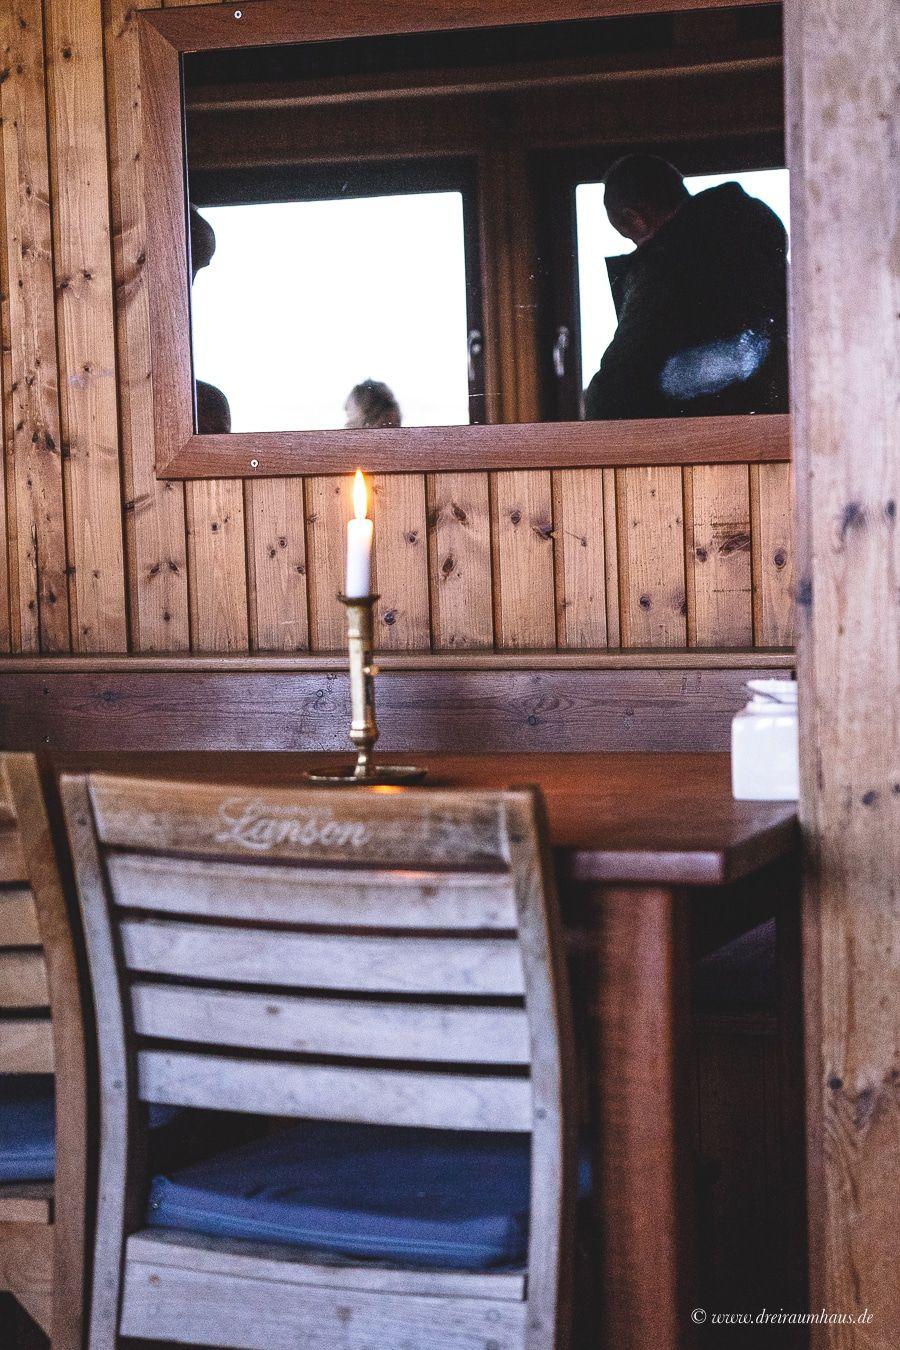 SANSIBAR SYLT?!....10 GRÜNDE vorbeizugehen.... Urlaub auf Sylt!